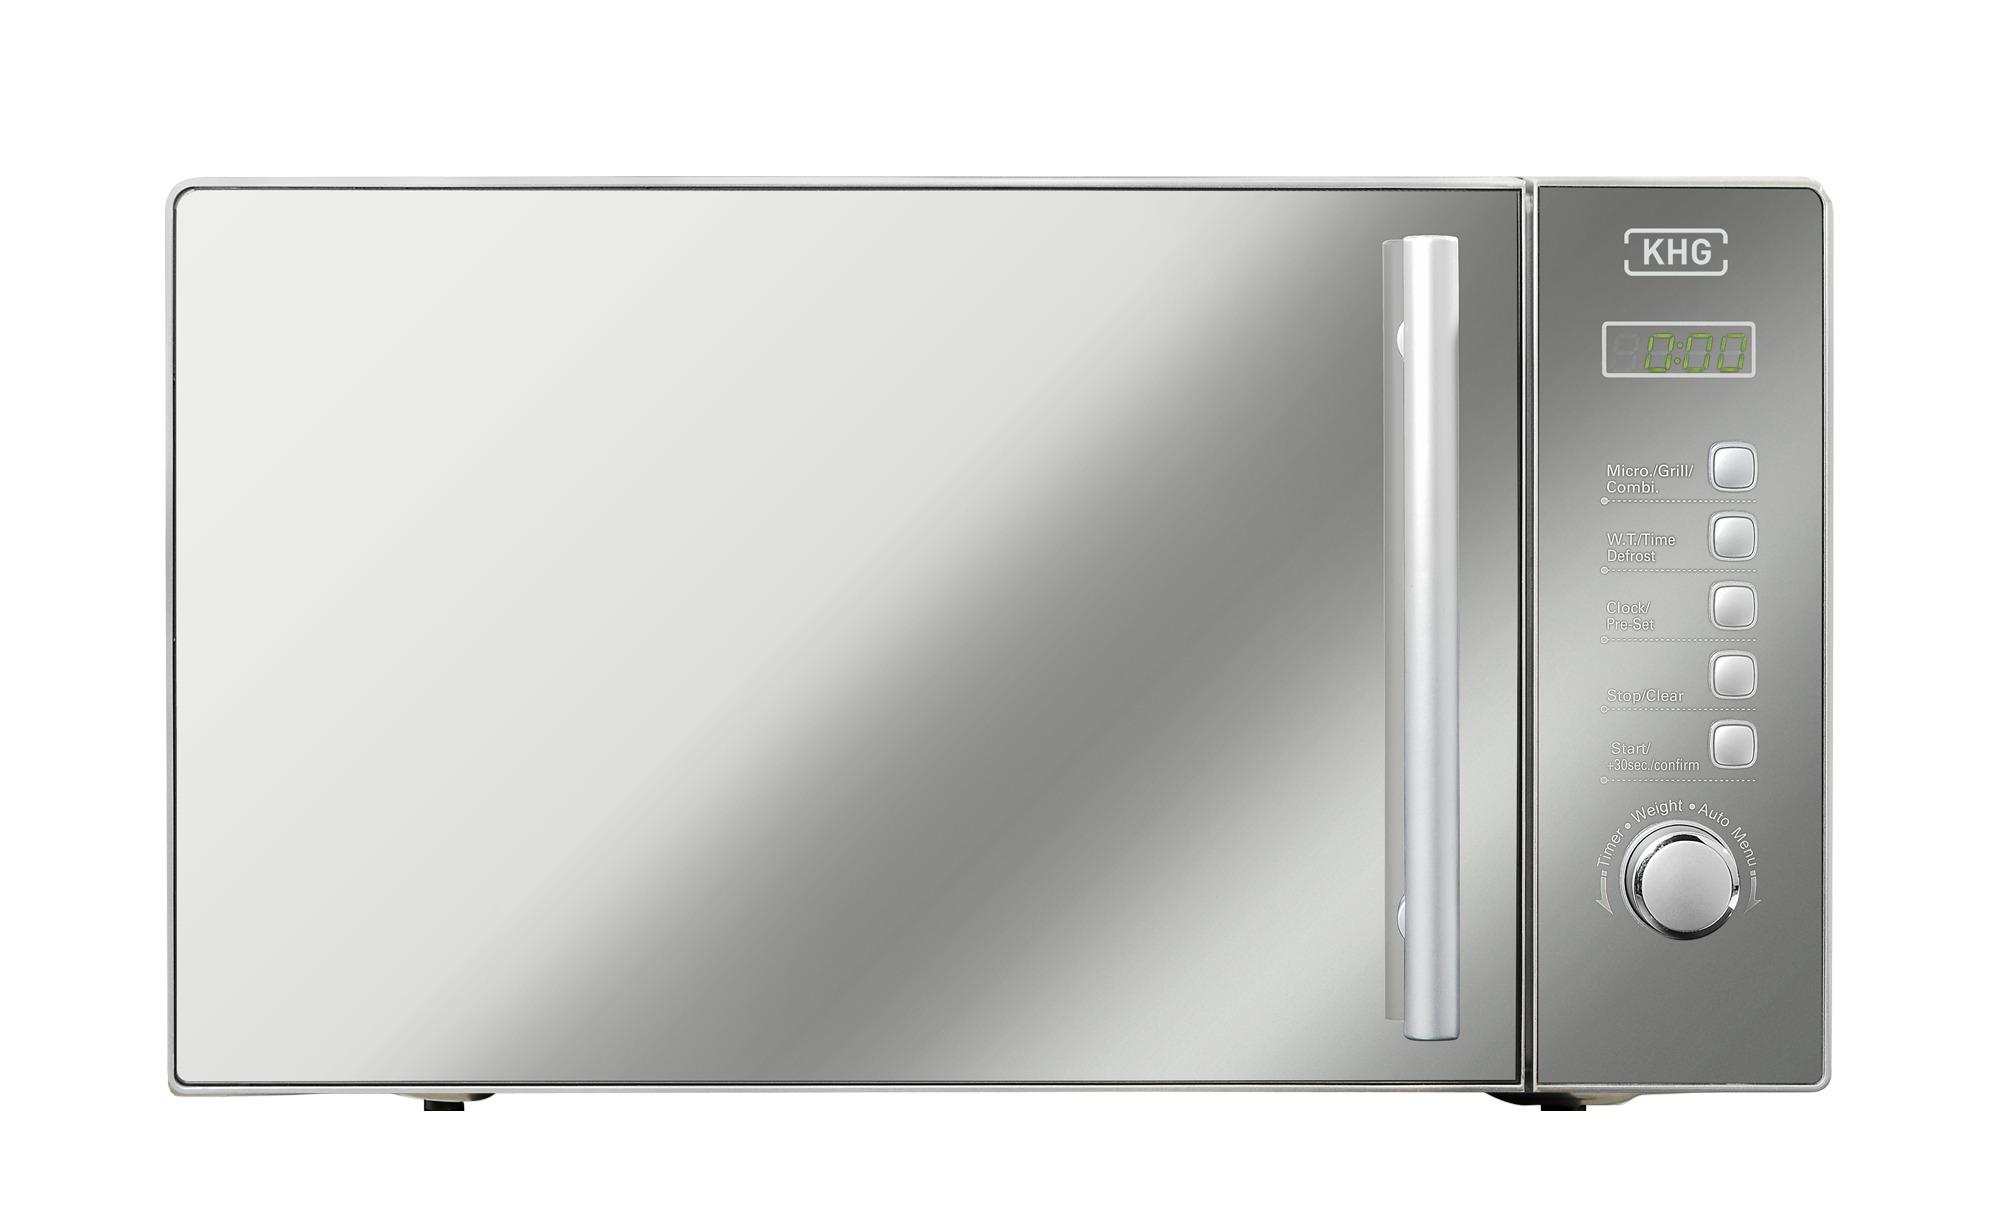 KHG Mikrowelle  MW-20GSD - silber - Kunststoff, Metall-lackiert - 43,3 cm - 25,8 cm - 34,5 cm - Elektrokleingeräte > Mikrowellen - Möbel Kraft   Küche und Esszimmer > Küchenelektrogeräte > Mikrowellen   KHG